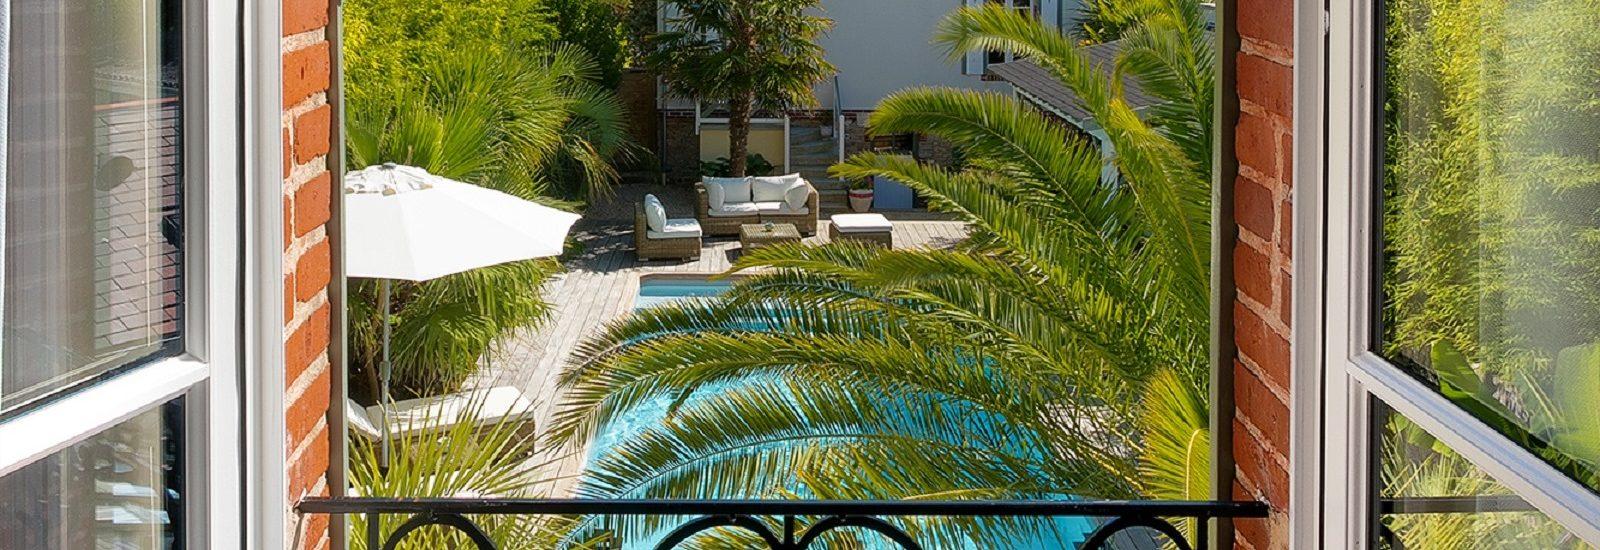 vue jardin villa la ruche la baule plage benoit chambre d'hôte haut de gamme sans enfant calme repos luxe